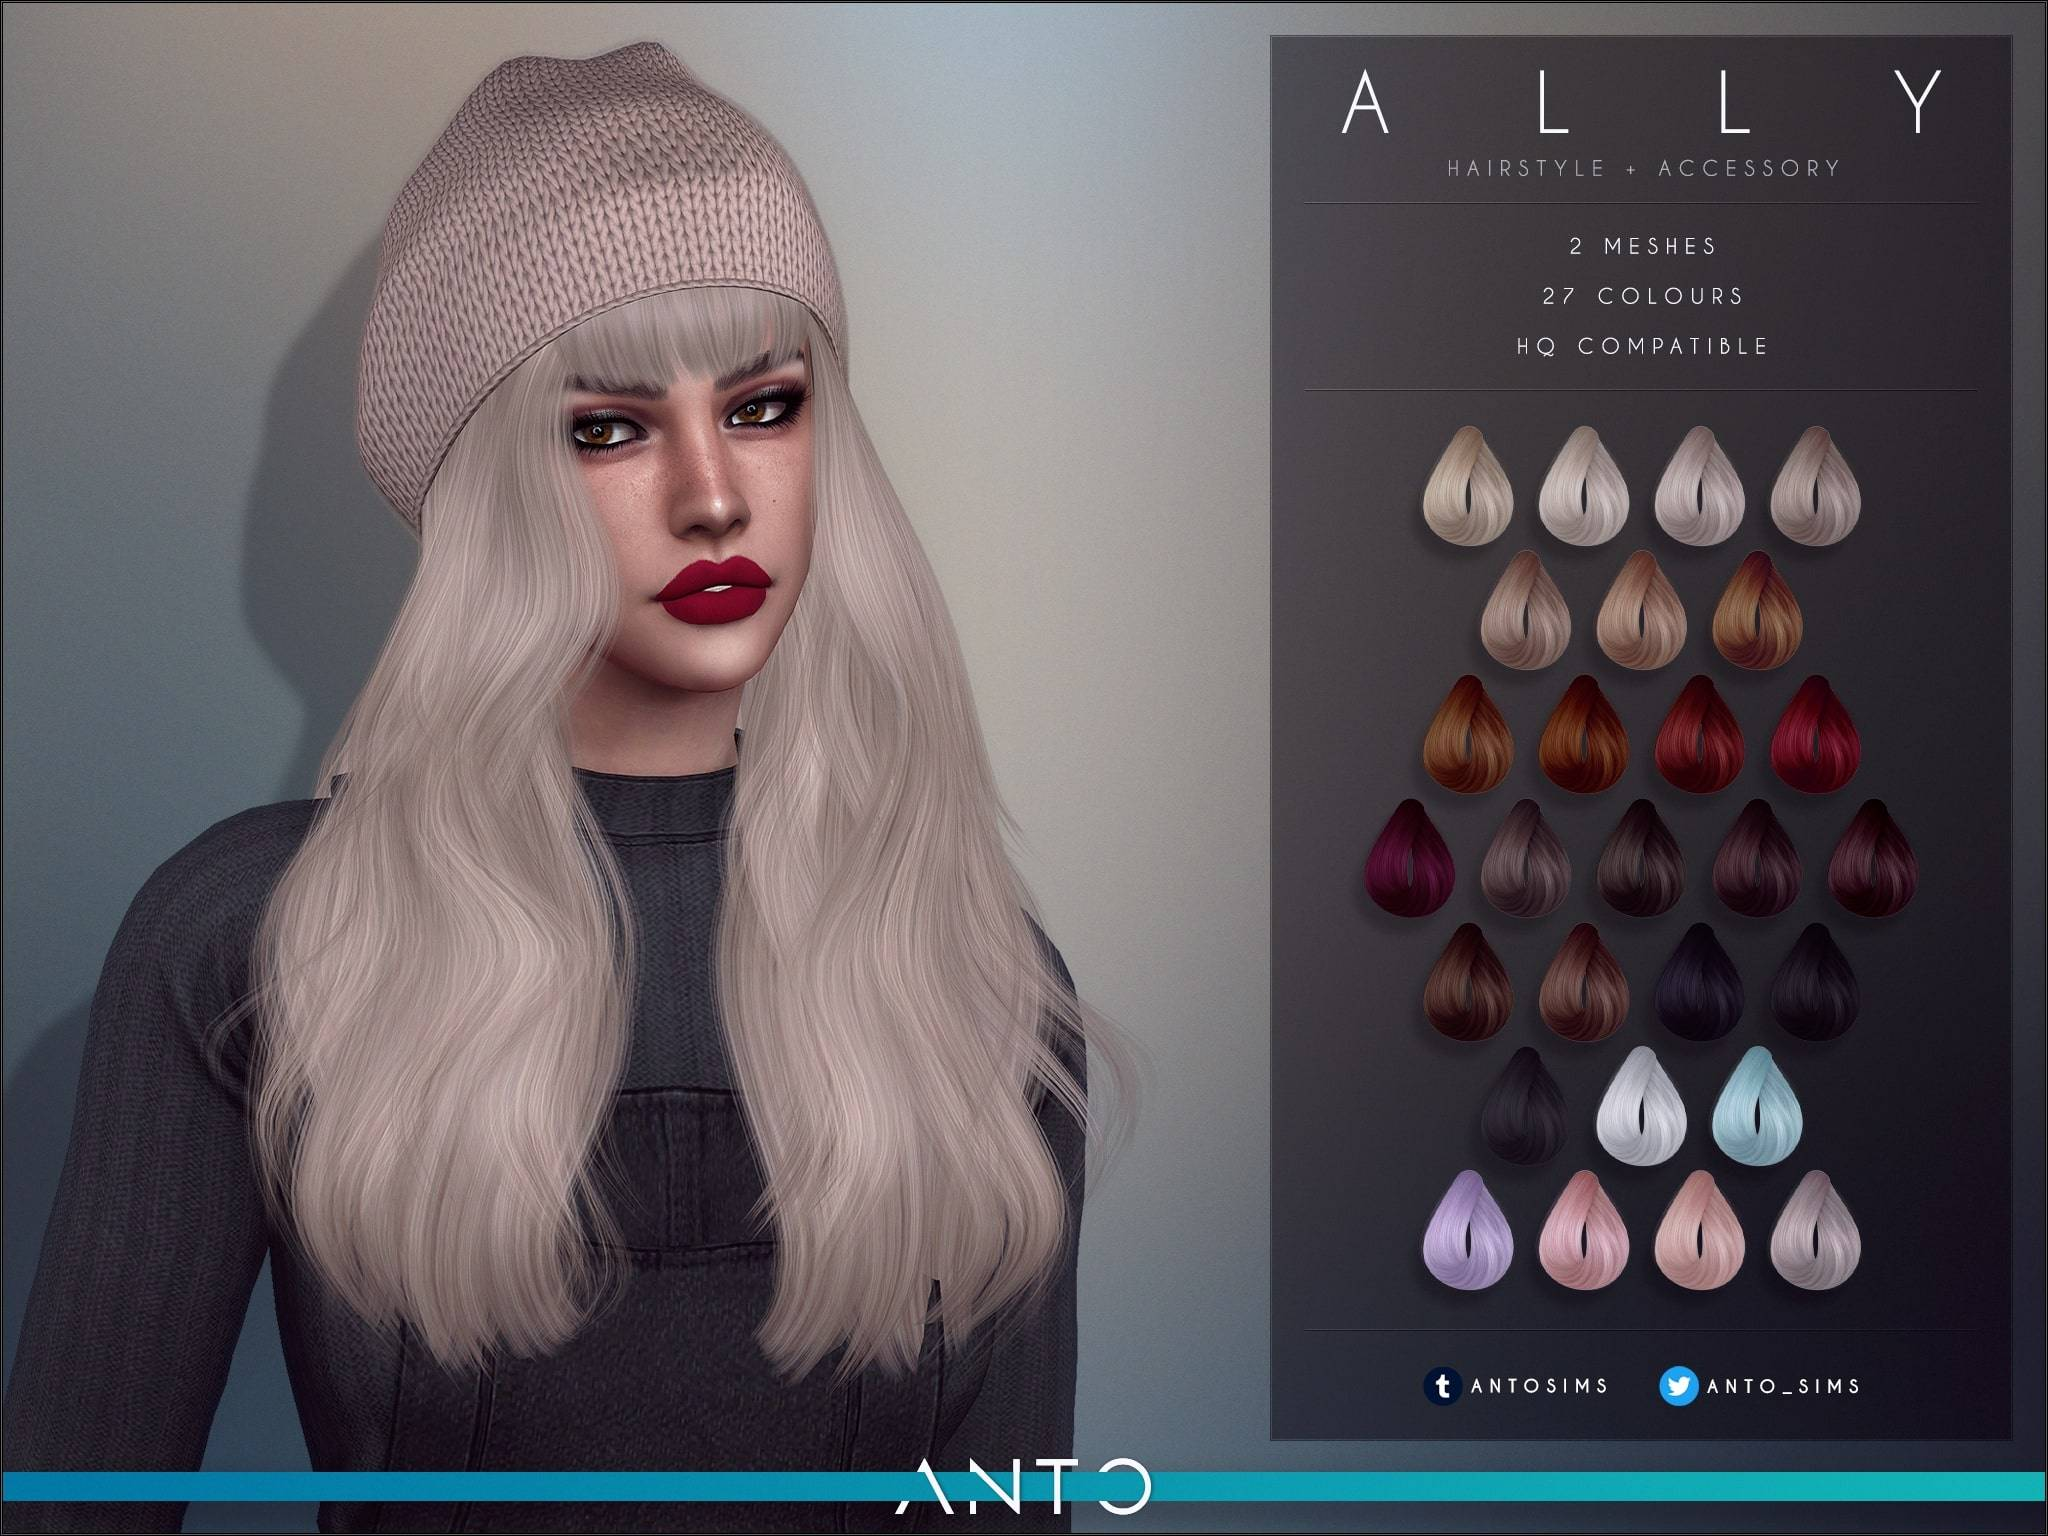 Женская прическа - Ally